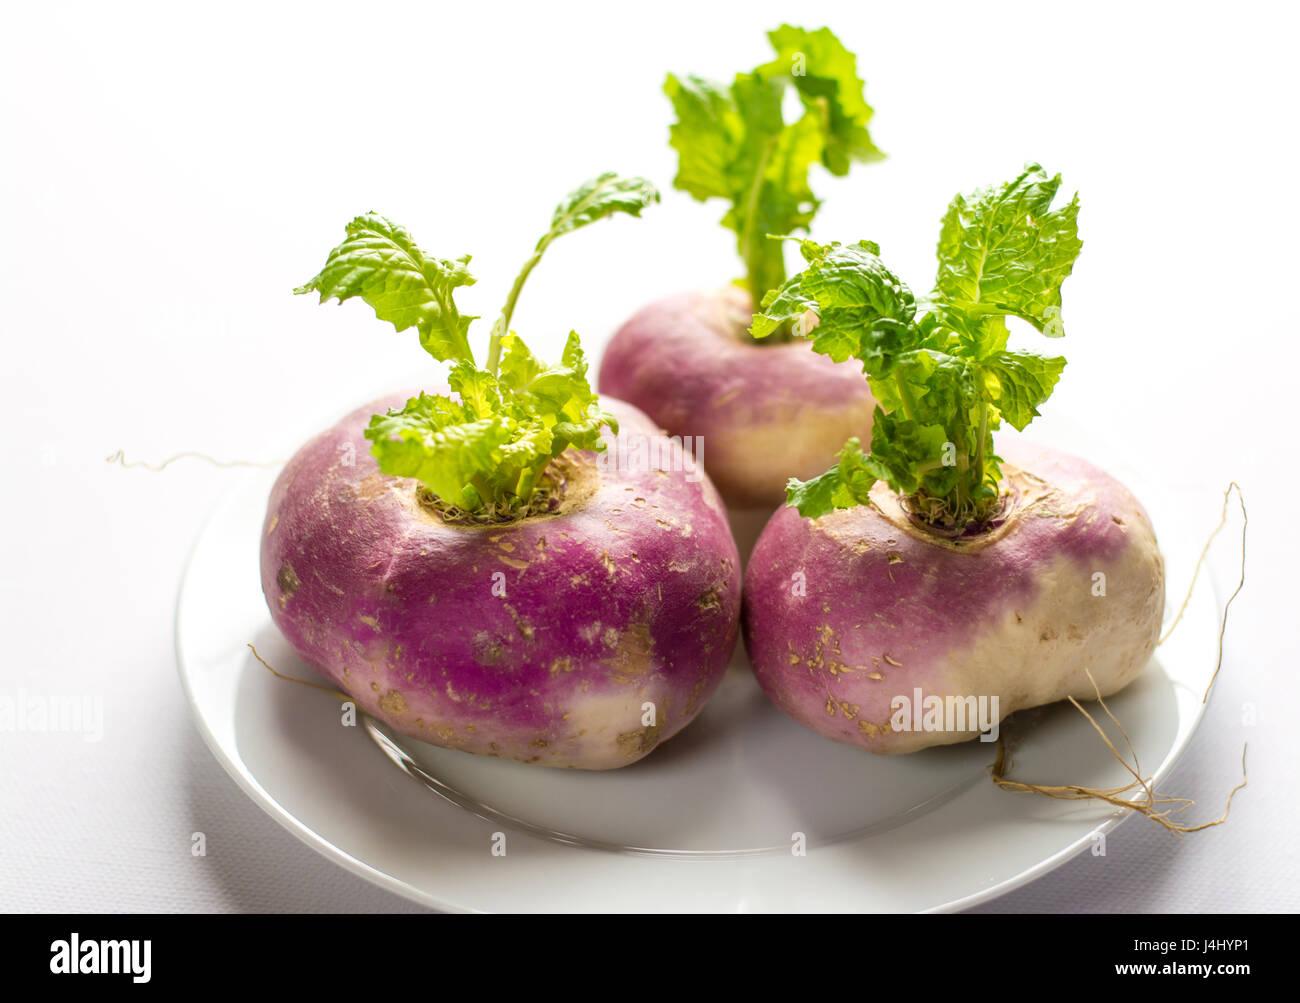 Primer plano de tres orgánicos nabos púrpura con hojas en una placa blanca y antecedentes Imagen De Stock